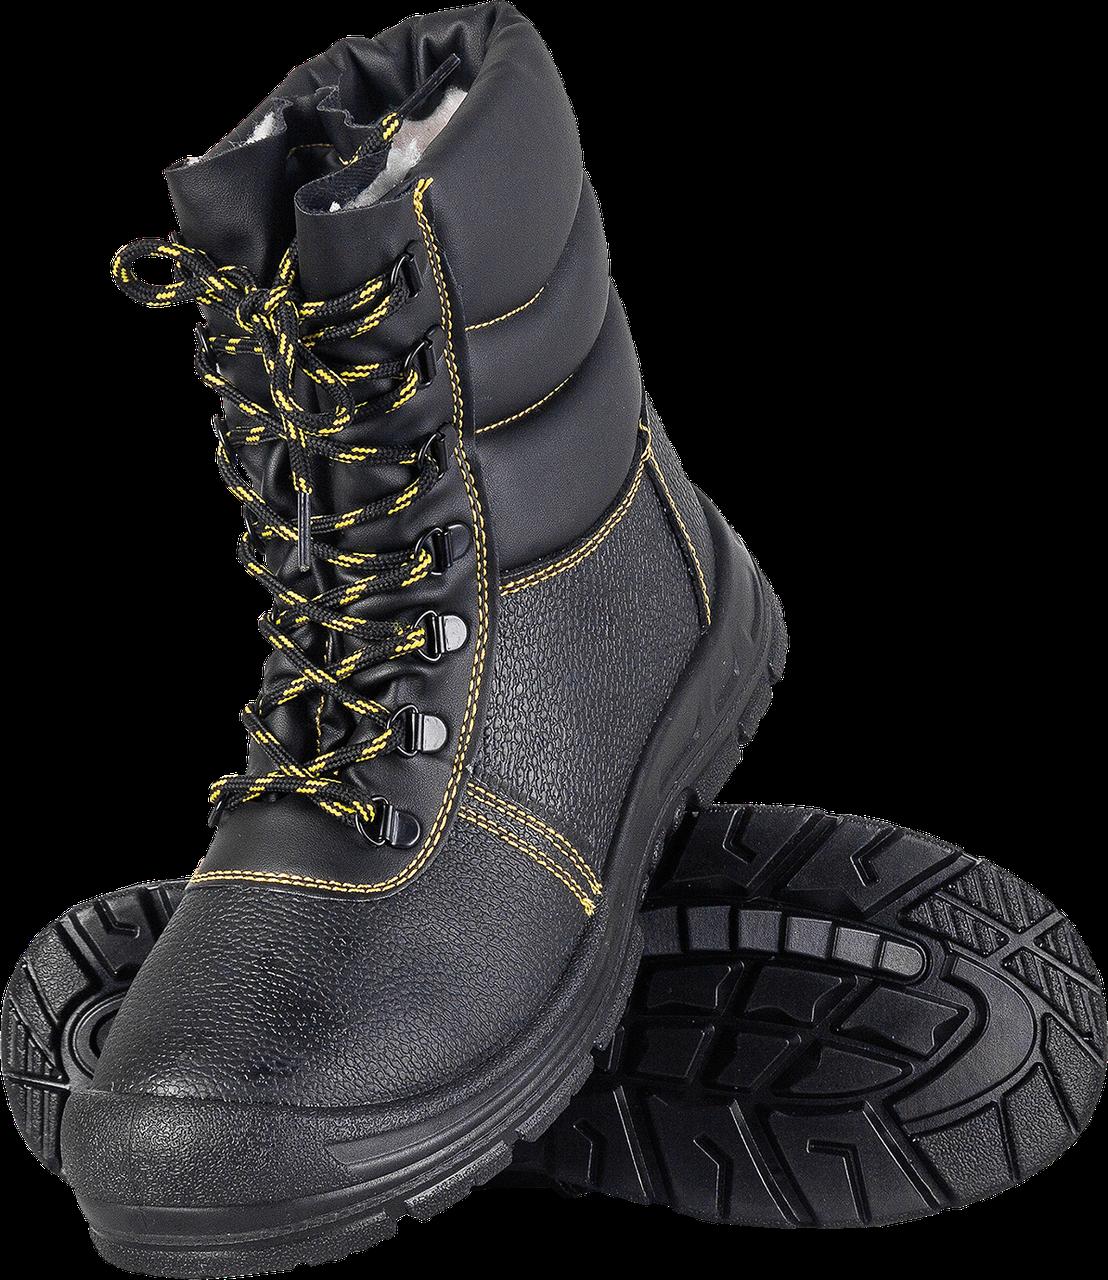 Обувь BRYES-TWO-OB BY защитная без металлического носка REIS Польша